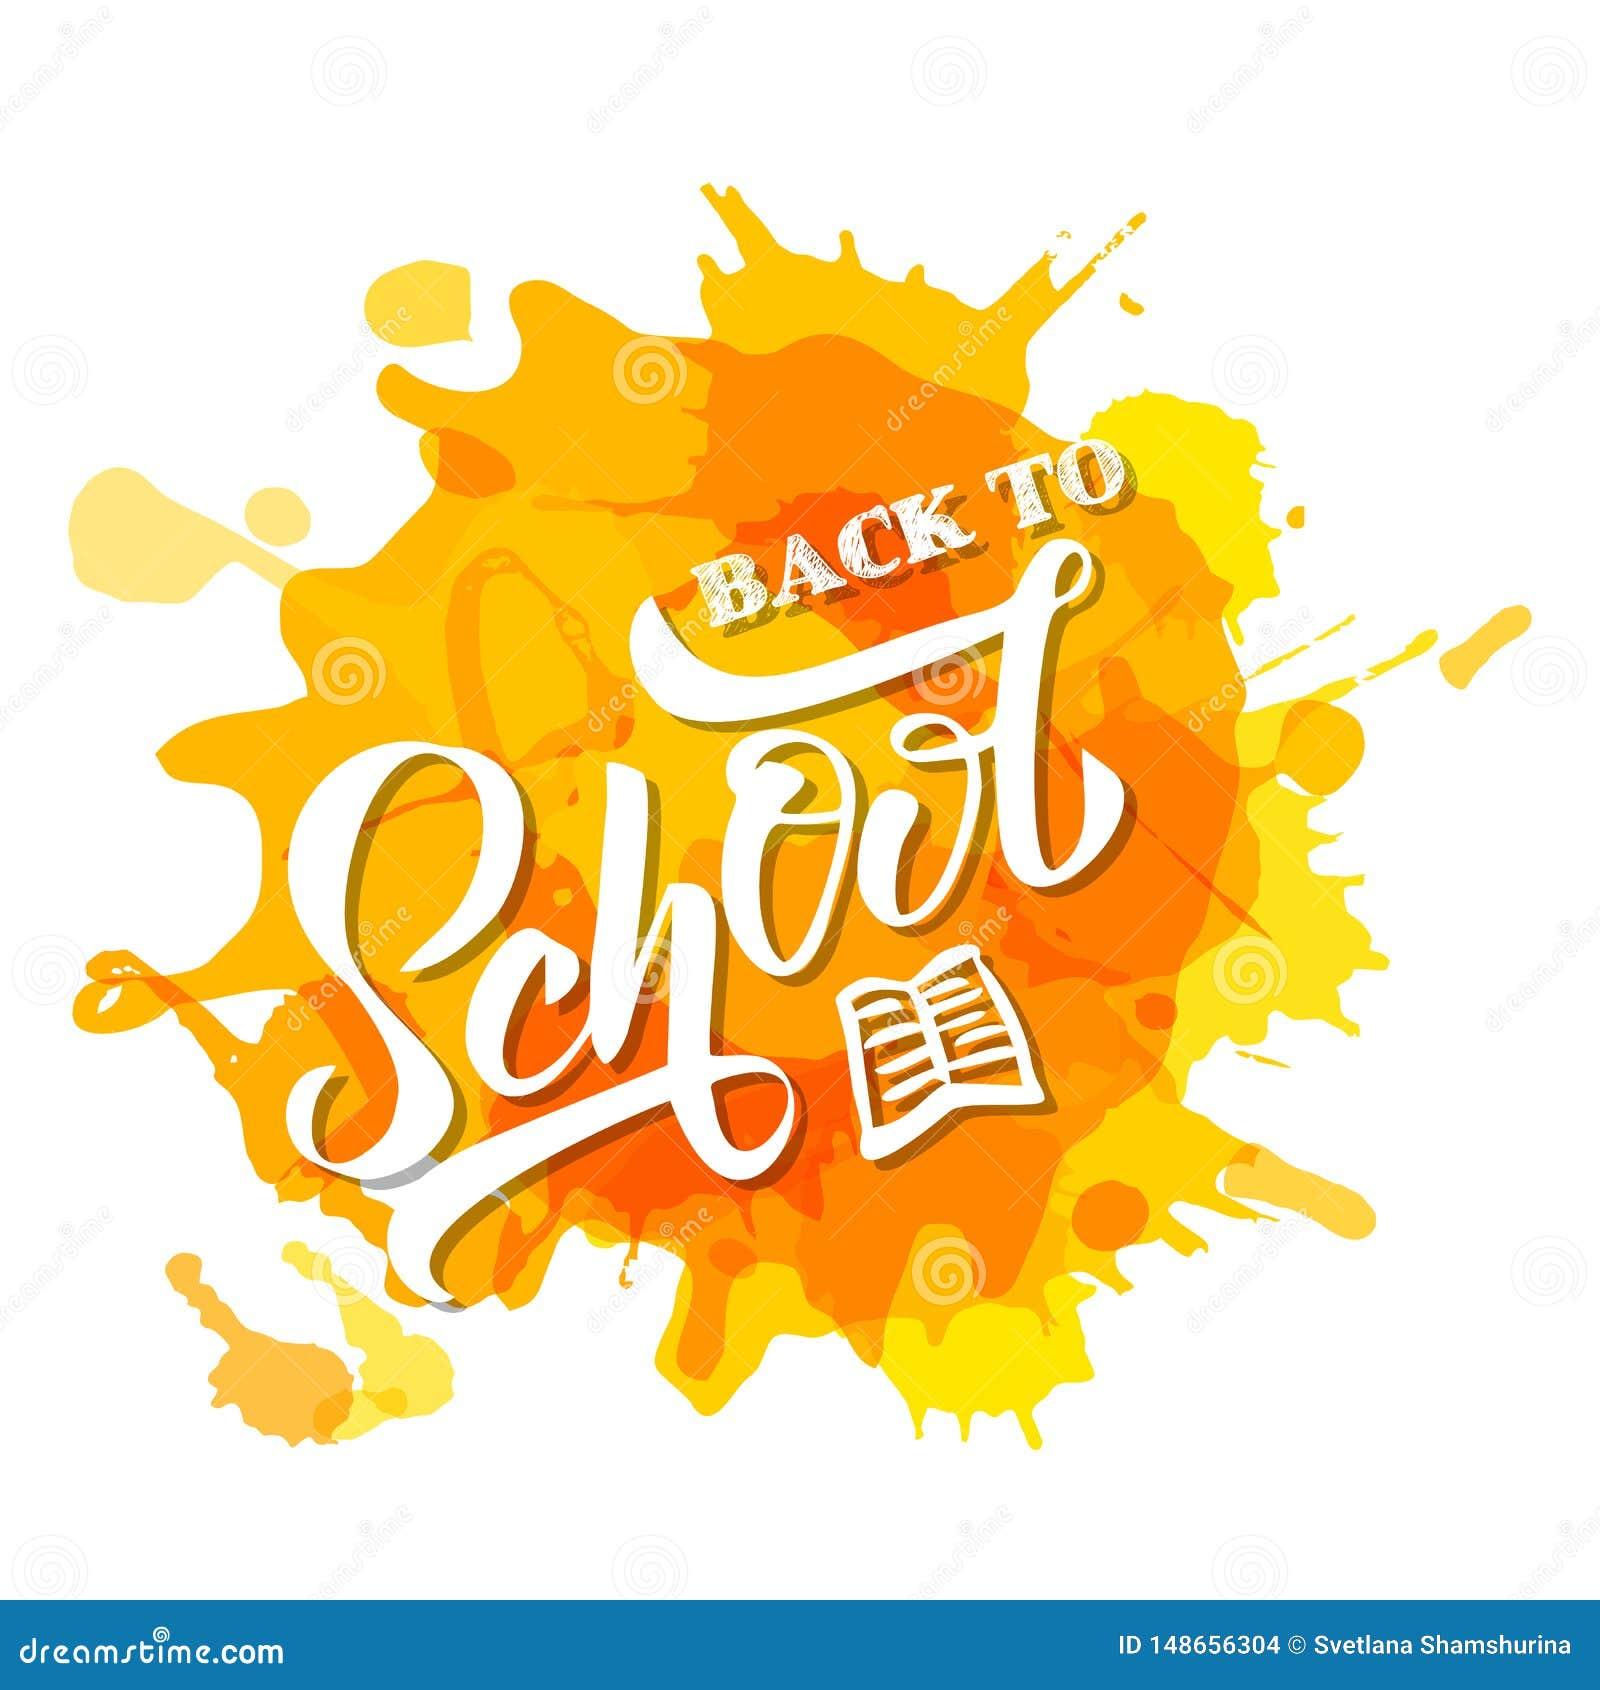 Mano dibujada de nuevo a letras de la escuela en manchas blancas /negras amarillas Dise?o perfecto para el invetation, anuncios,